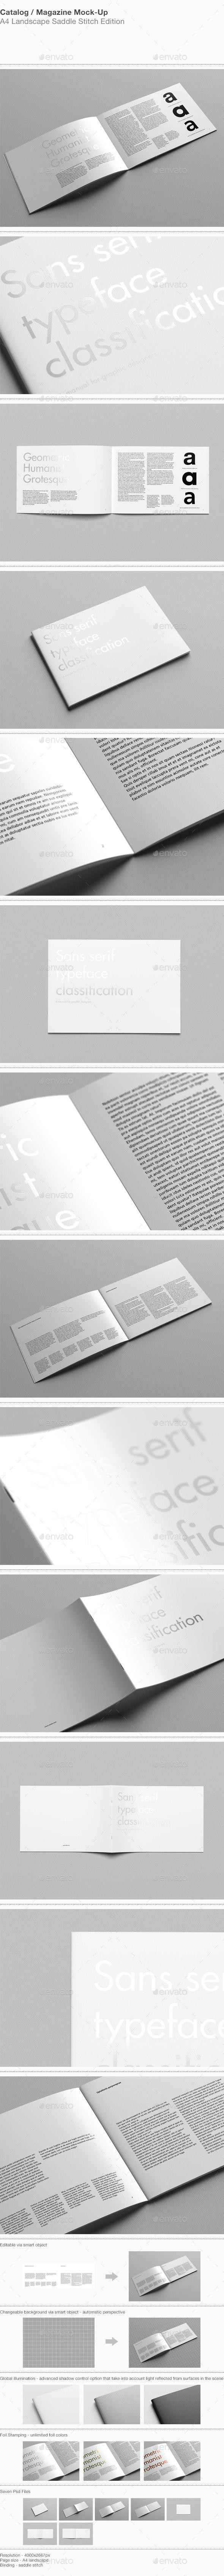 A4 Landscape Catalog / Magazine Mock-Up - Magazines Print